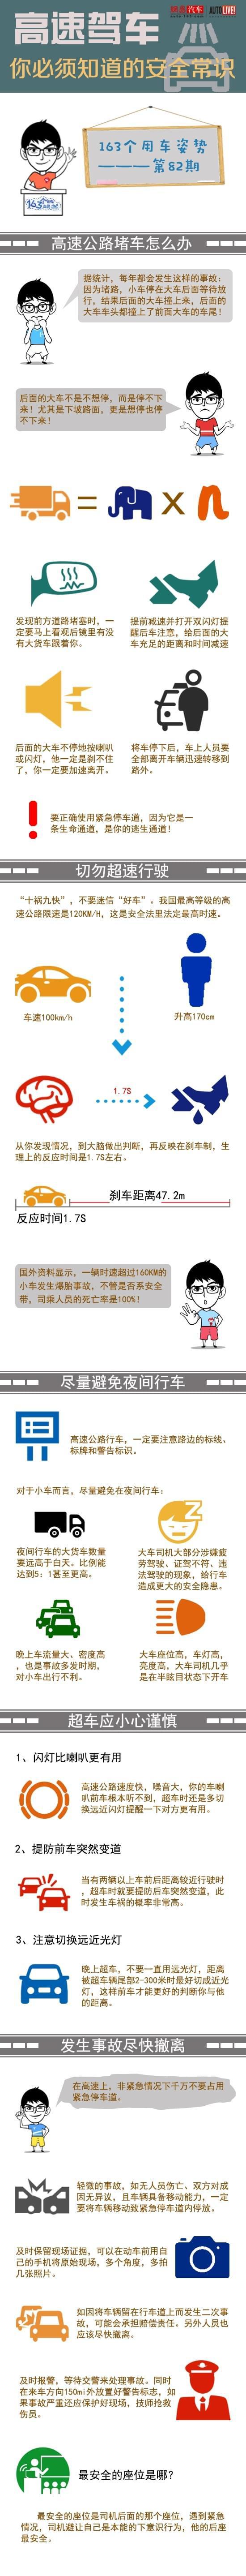 女司机高速逆行28.8公里:第一次上高速 导航导错